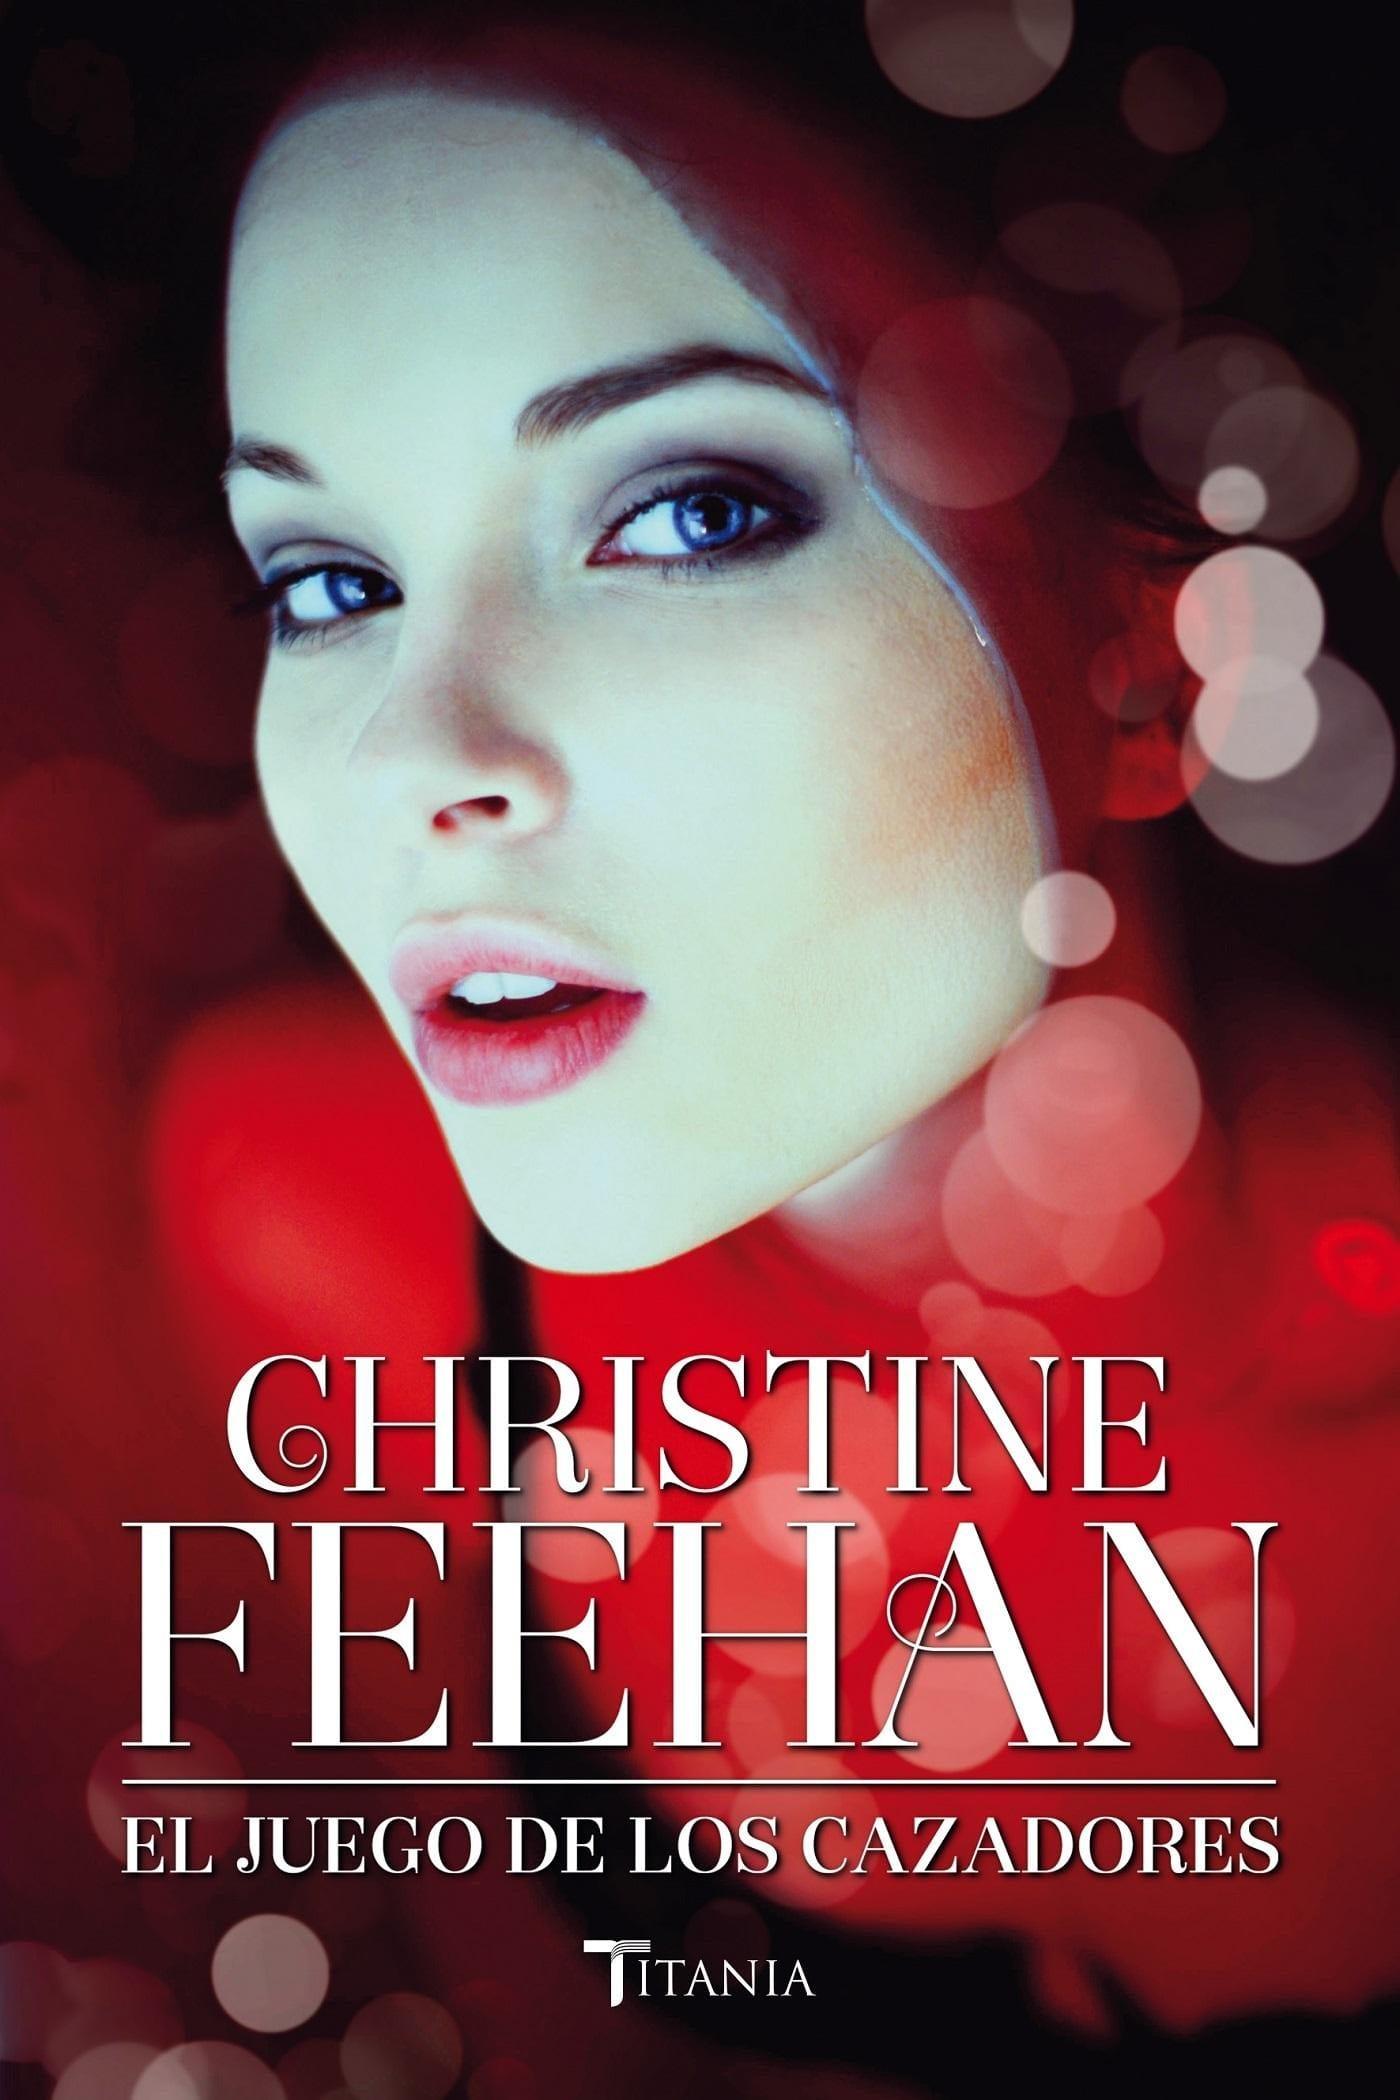 El juego de los cazadores, Christine Feehan - Reseña